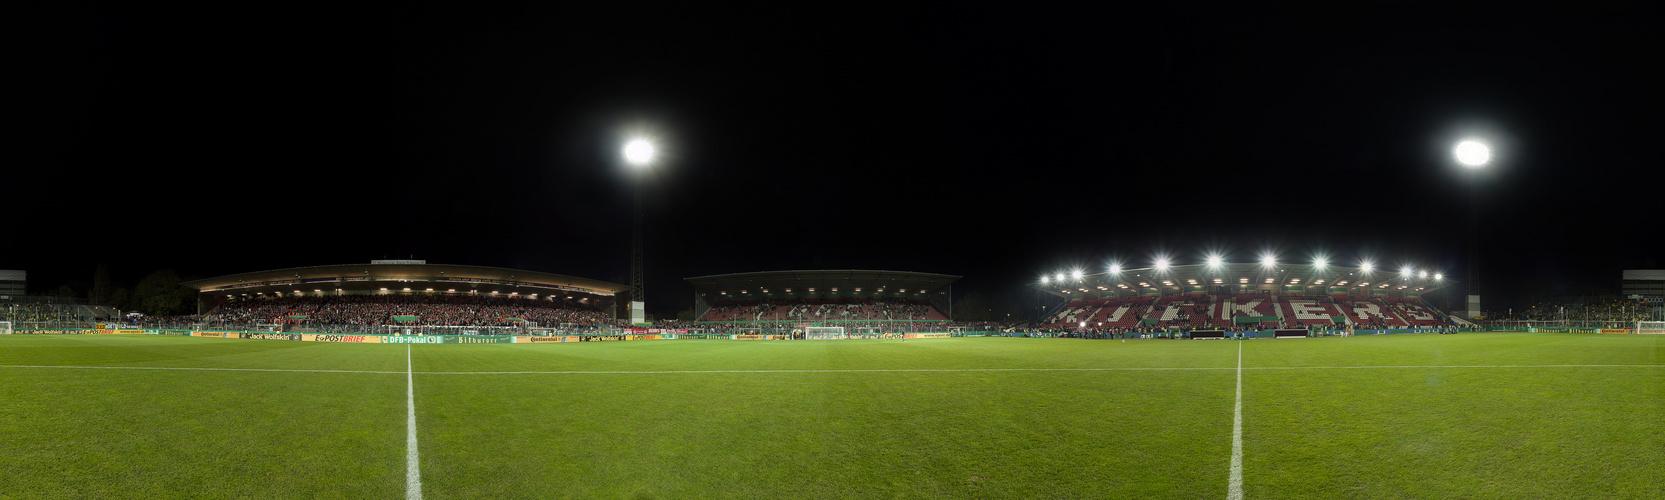 DFB Pokal OFC - BVB